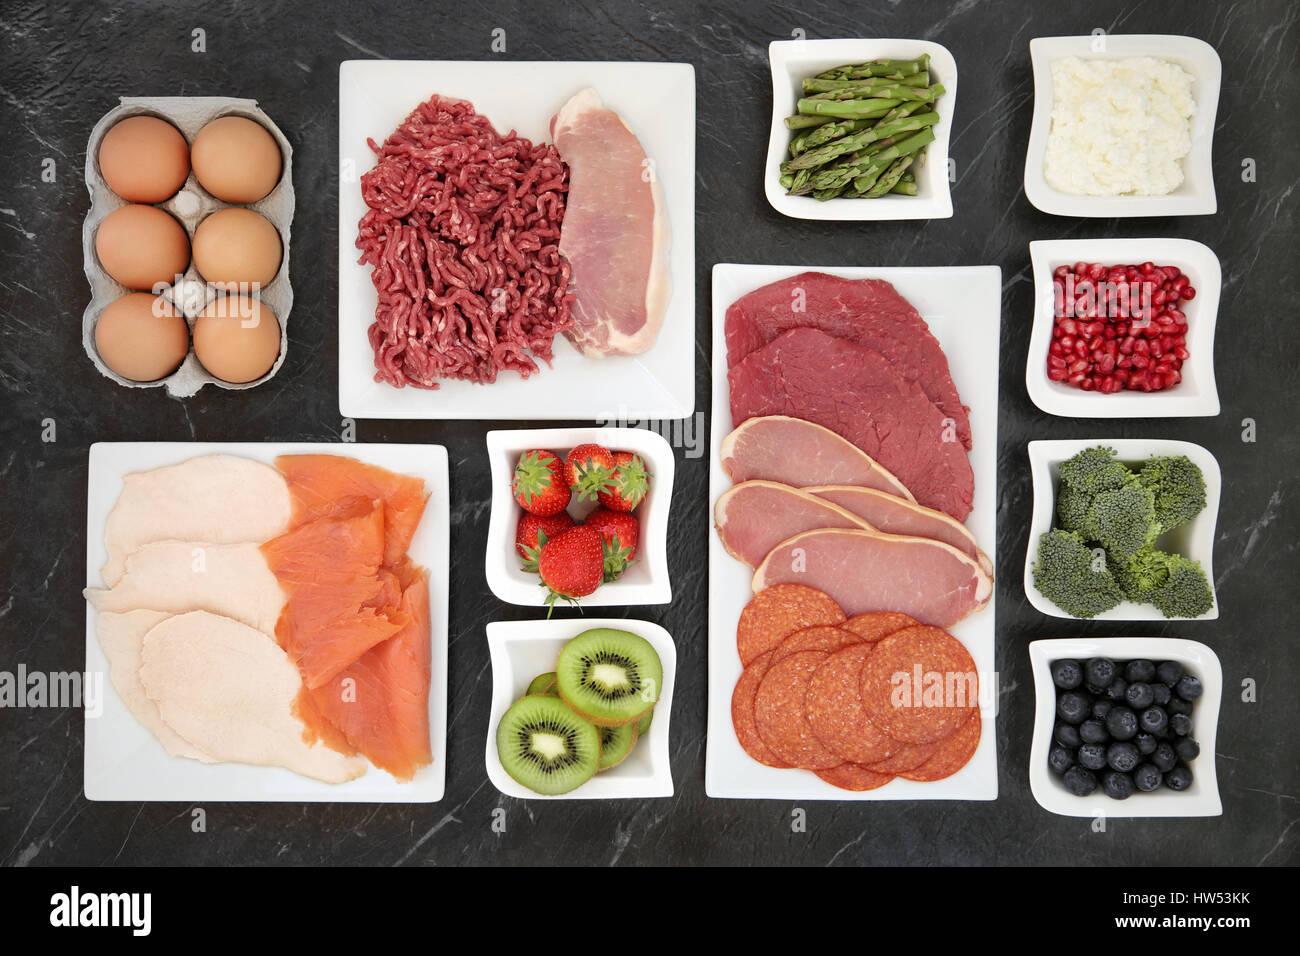 El edificio del cuerpo alimentos con carne, pescado, productos lácteos, frutas y hortalizas en China platos. Imagen De Stock